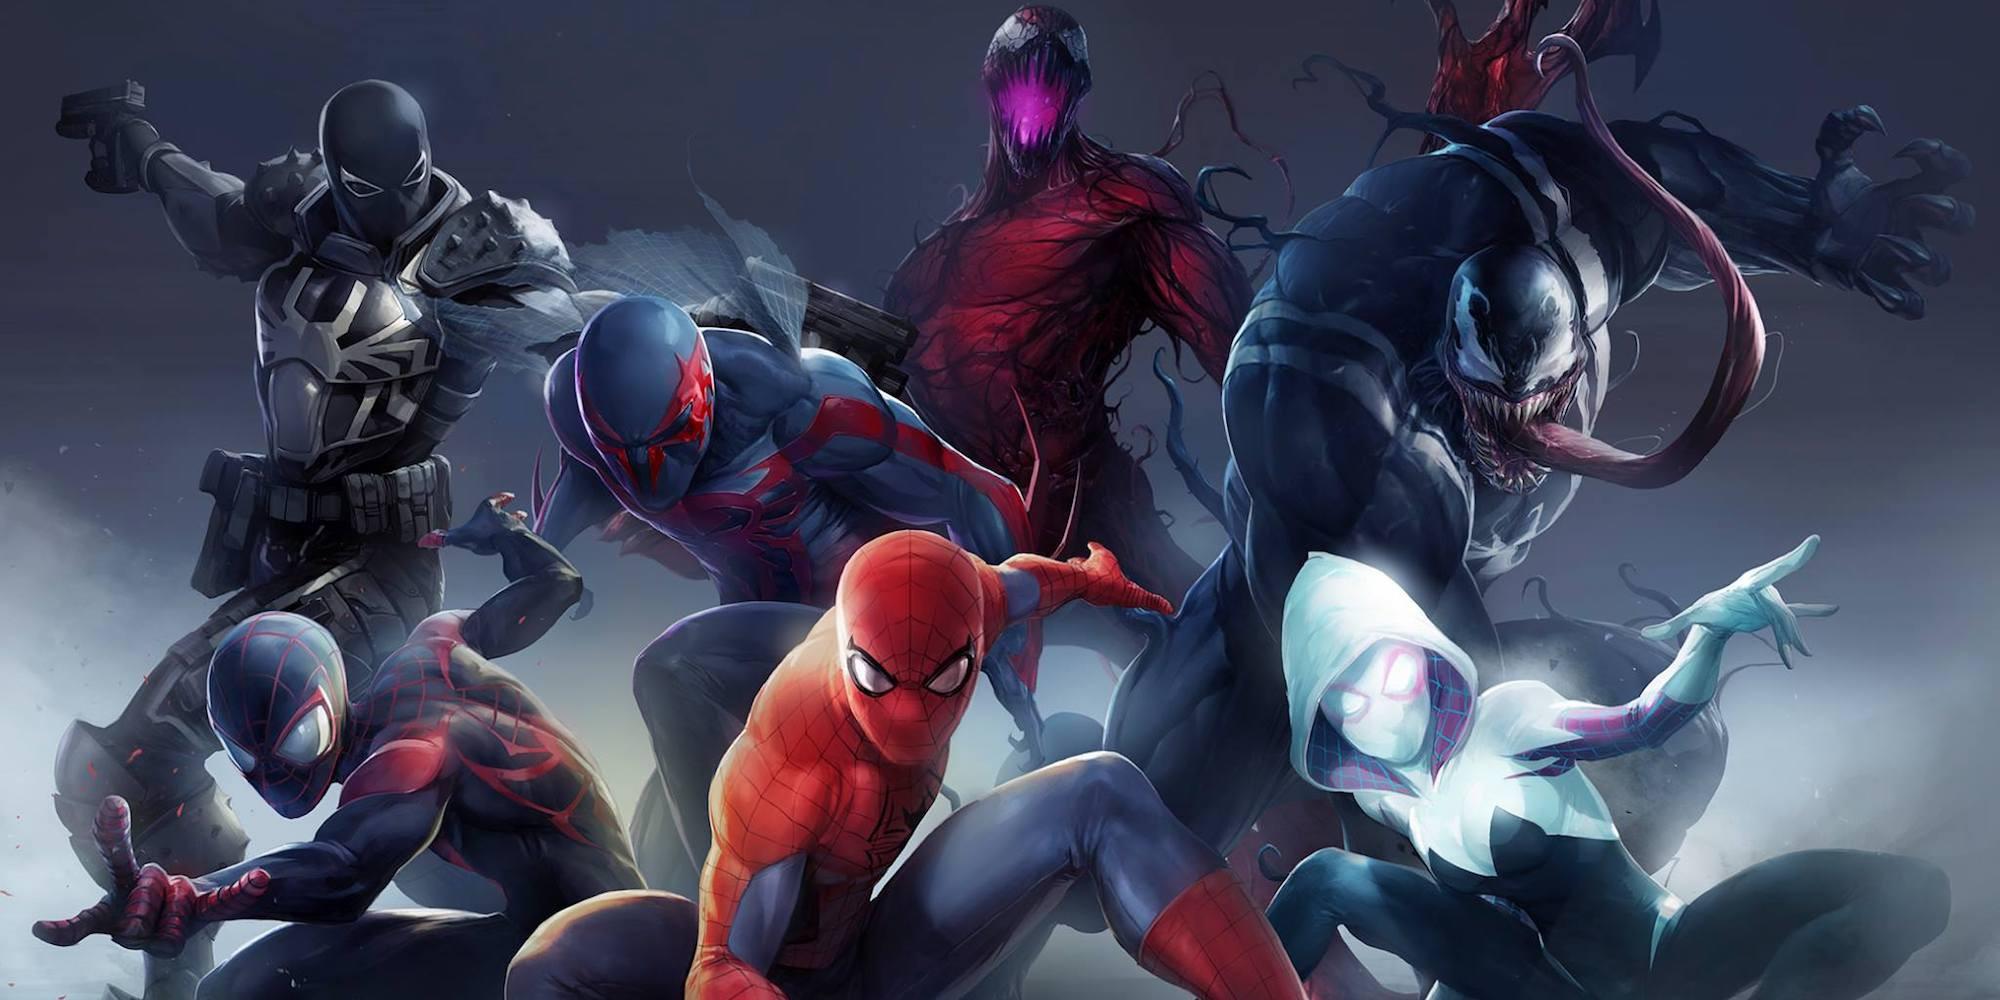 """2 nhân vật bí ẩn trong hậu credit của """"Venom"""" là ai mà khiến cư dân mạng bấn loạn như vậy? - Ảnh 1."""